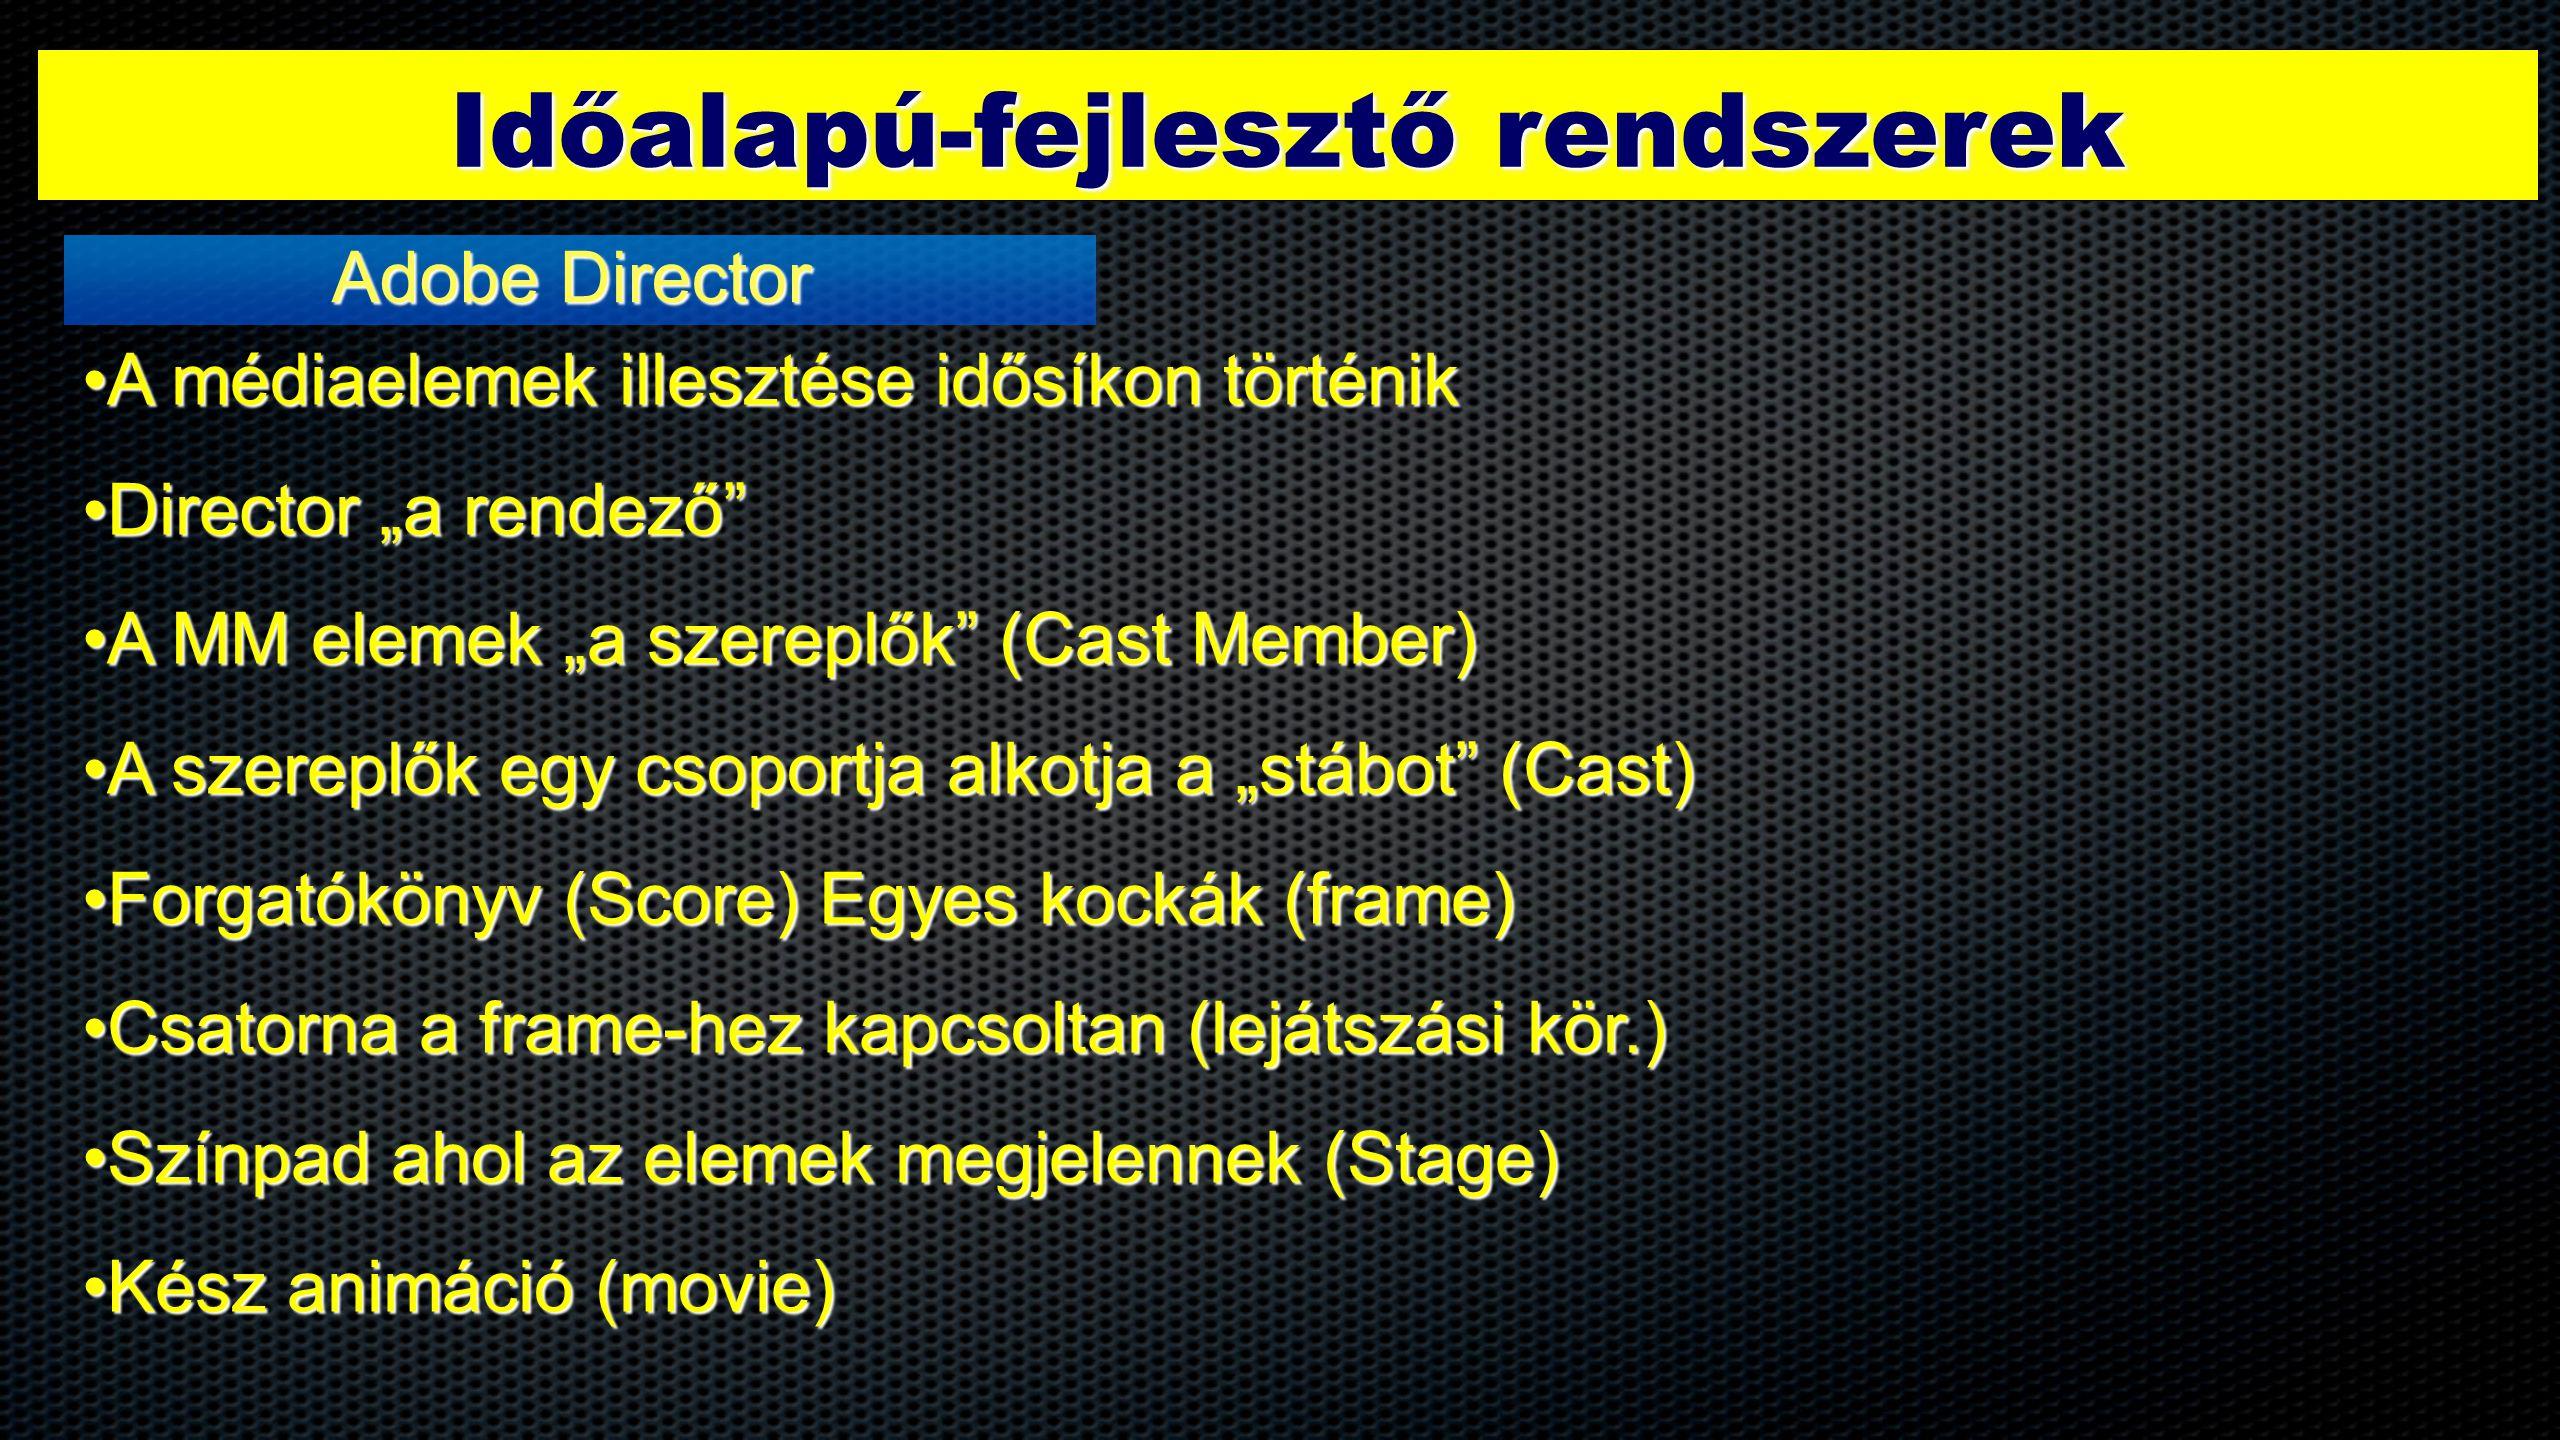 """Időalapú-fejlesztő rendszerek Adobe Director •A médiaelemek illesztése idősíkon történik •Director """"a rendező •A MM elemek """"a szereplők (Cast Member) •A szereplők egy csoportja alkotja a """"stábot (Cast) •Forgatókönyv (Score) Egyes kockák (frame) •Csatorna a frame-hez kapcsoltan (lejátszási kör.) •Színpad ahol az elemek megjelennek (Stage) •Kész animáció (movie)"""